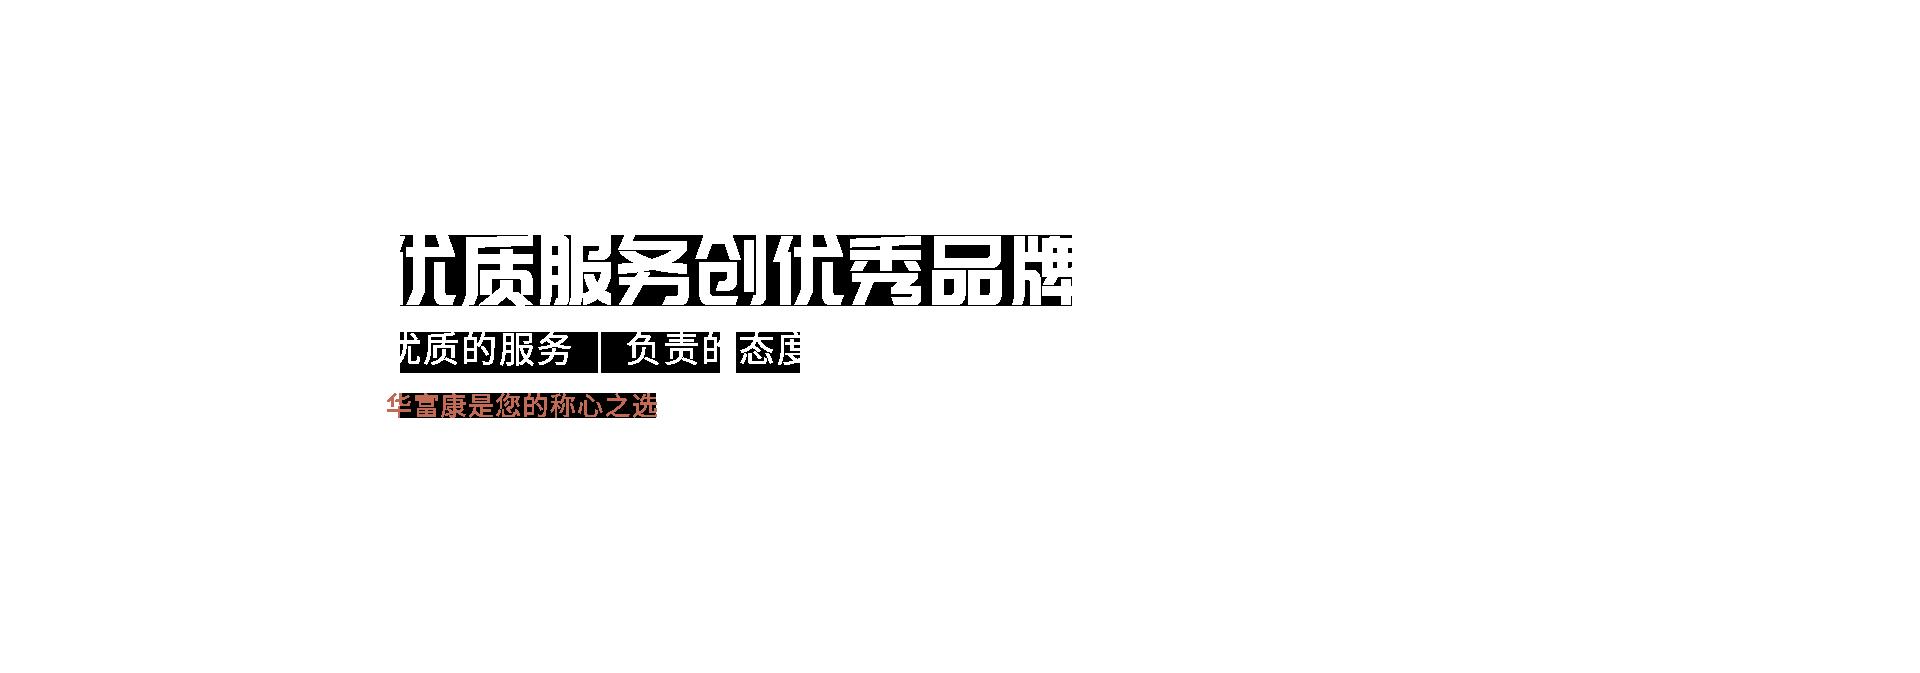 深圳搬家公司,个人搬家,办公室搬迁,家具拆装,短途运输